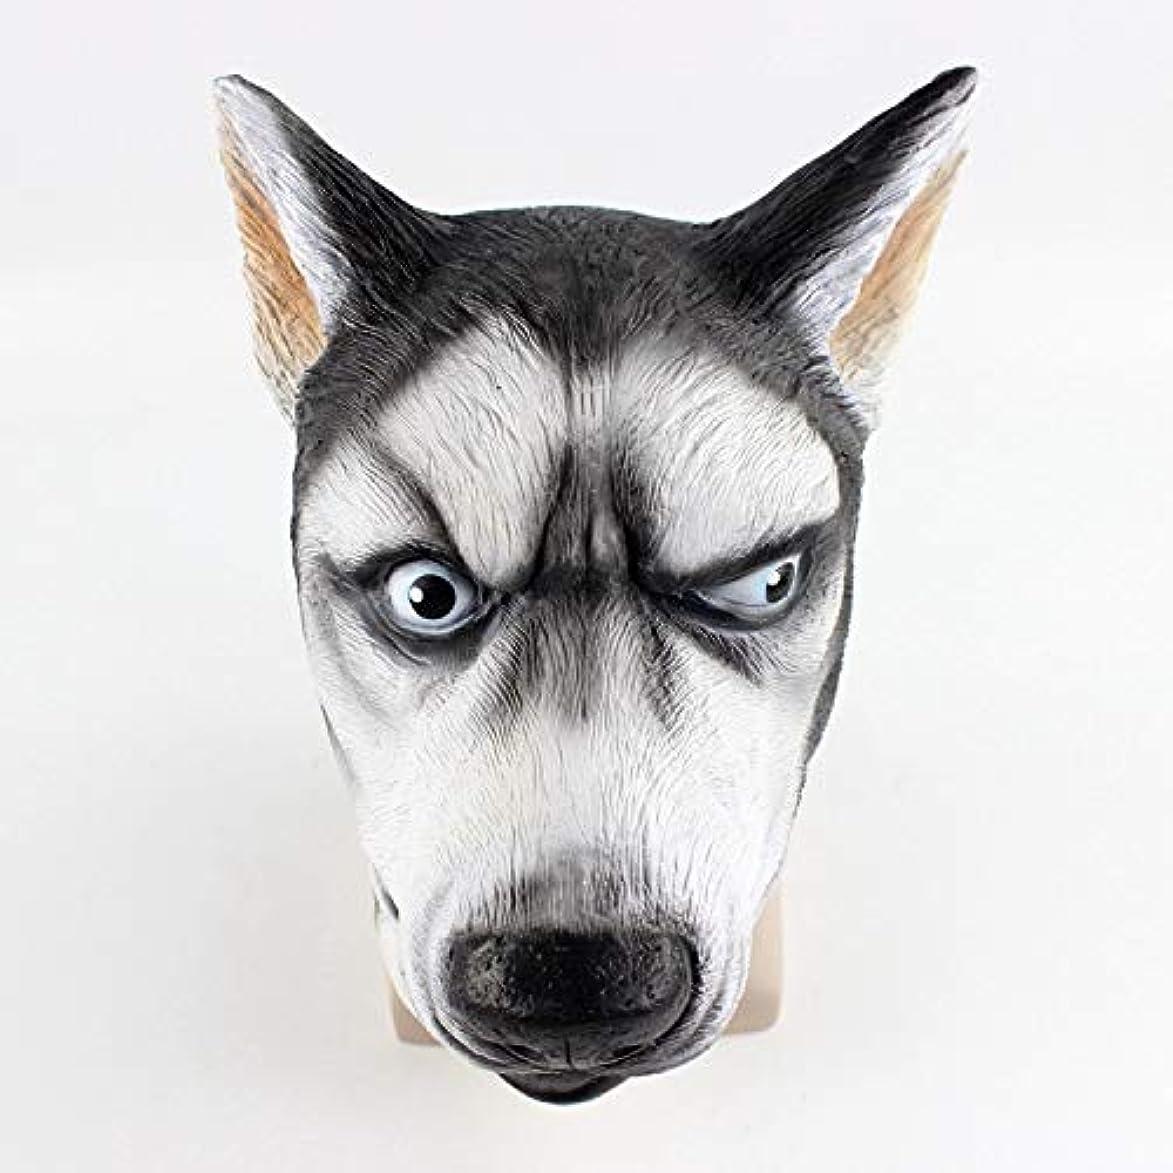 果てしない悩み高層ビルシベリアンハスキー犬ラテックス動物ヘッドマスクノベルティコスチュームラバーマスク用ハロウィン動物犬ヘッドマスク